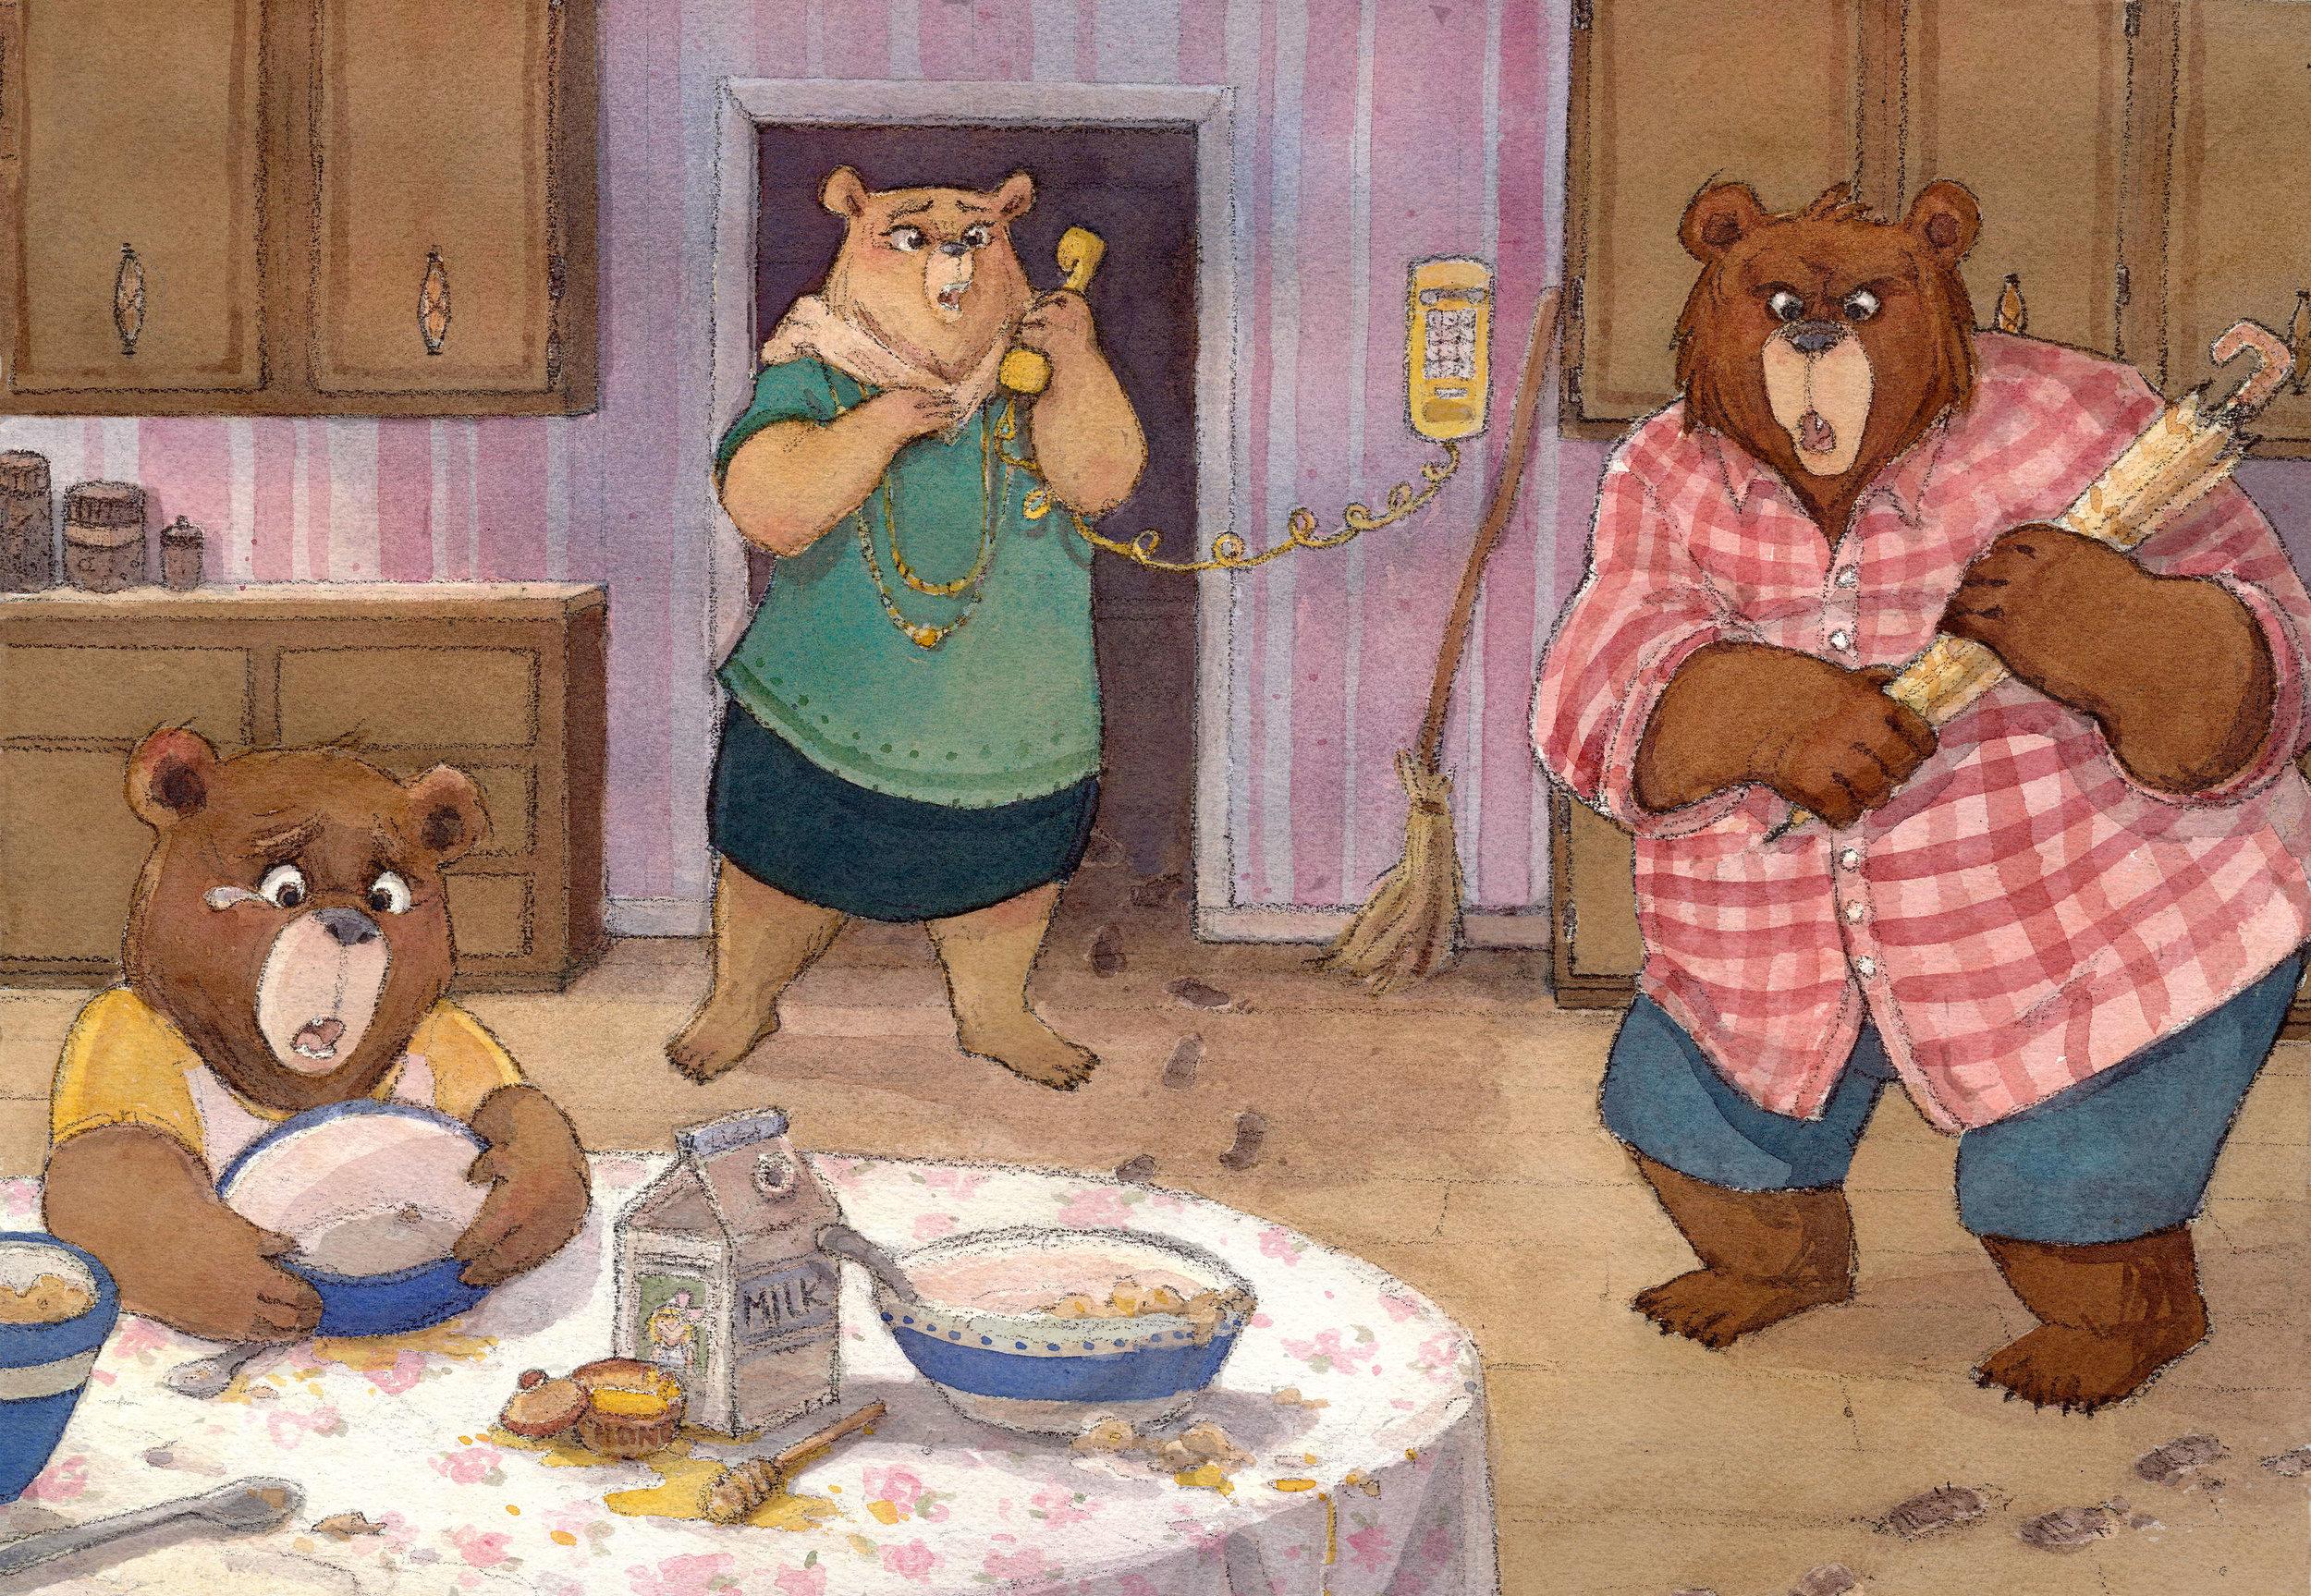 Goldilocks_bears.jpg